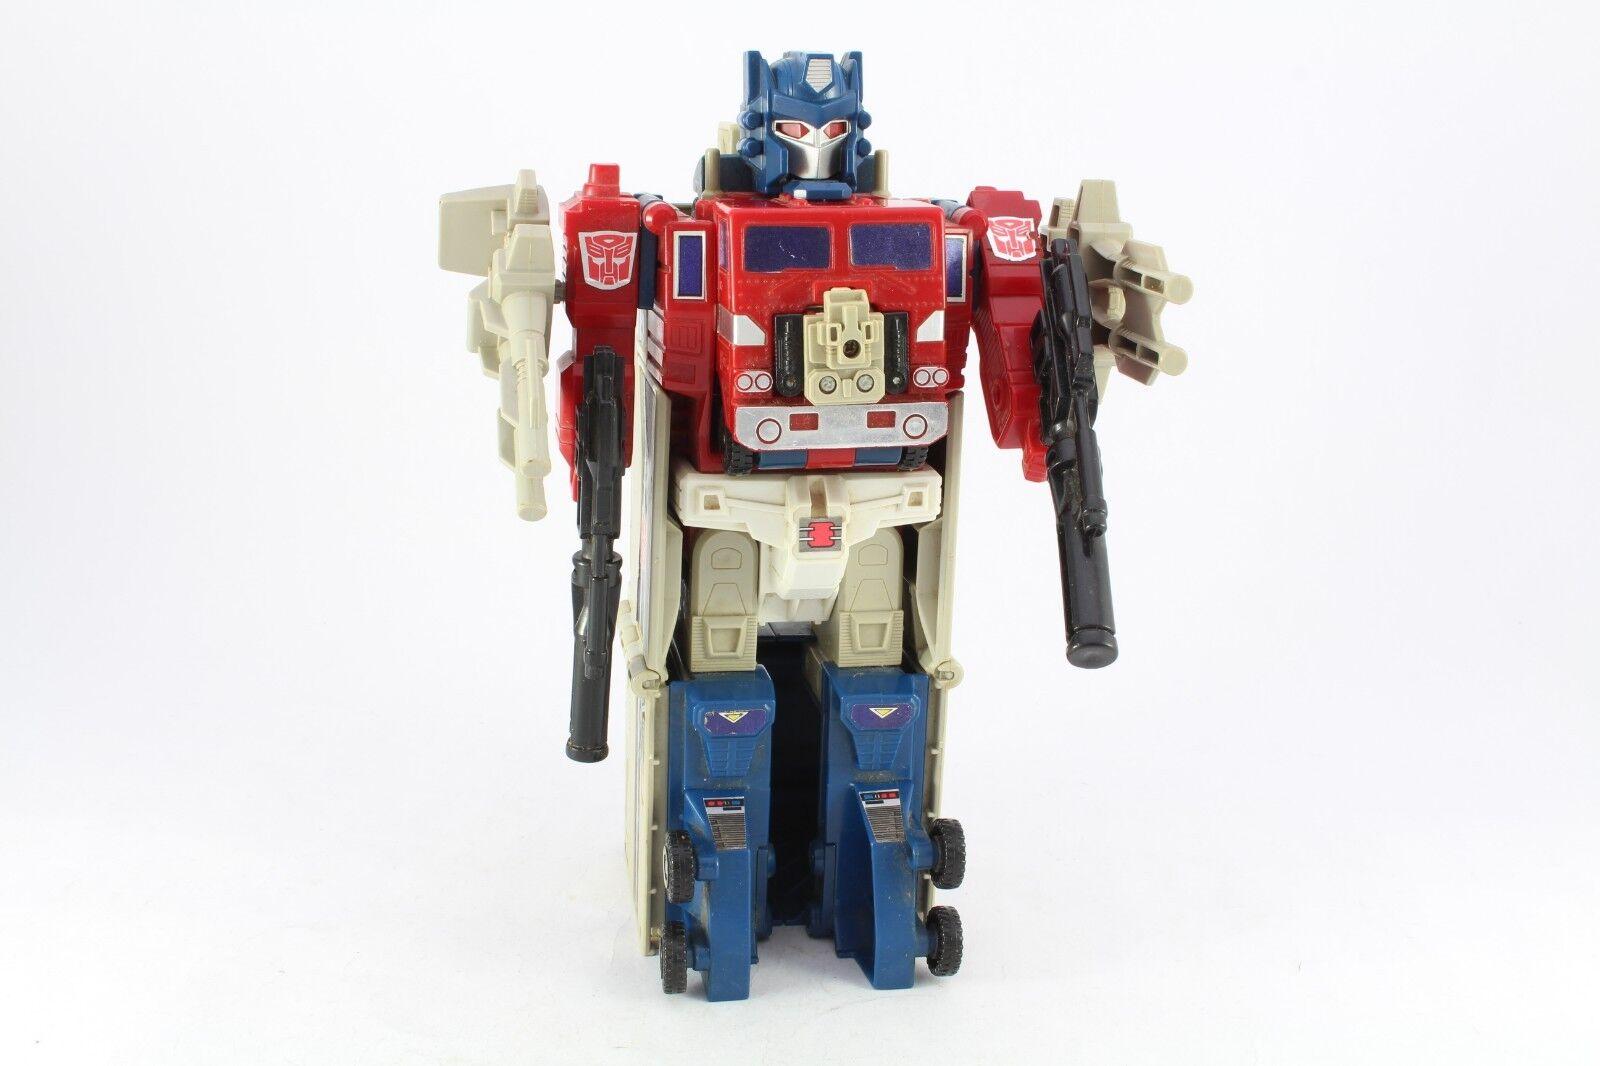 Transformers G1 Powermaster Optimus Prime Complete Needs Clean